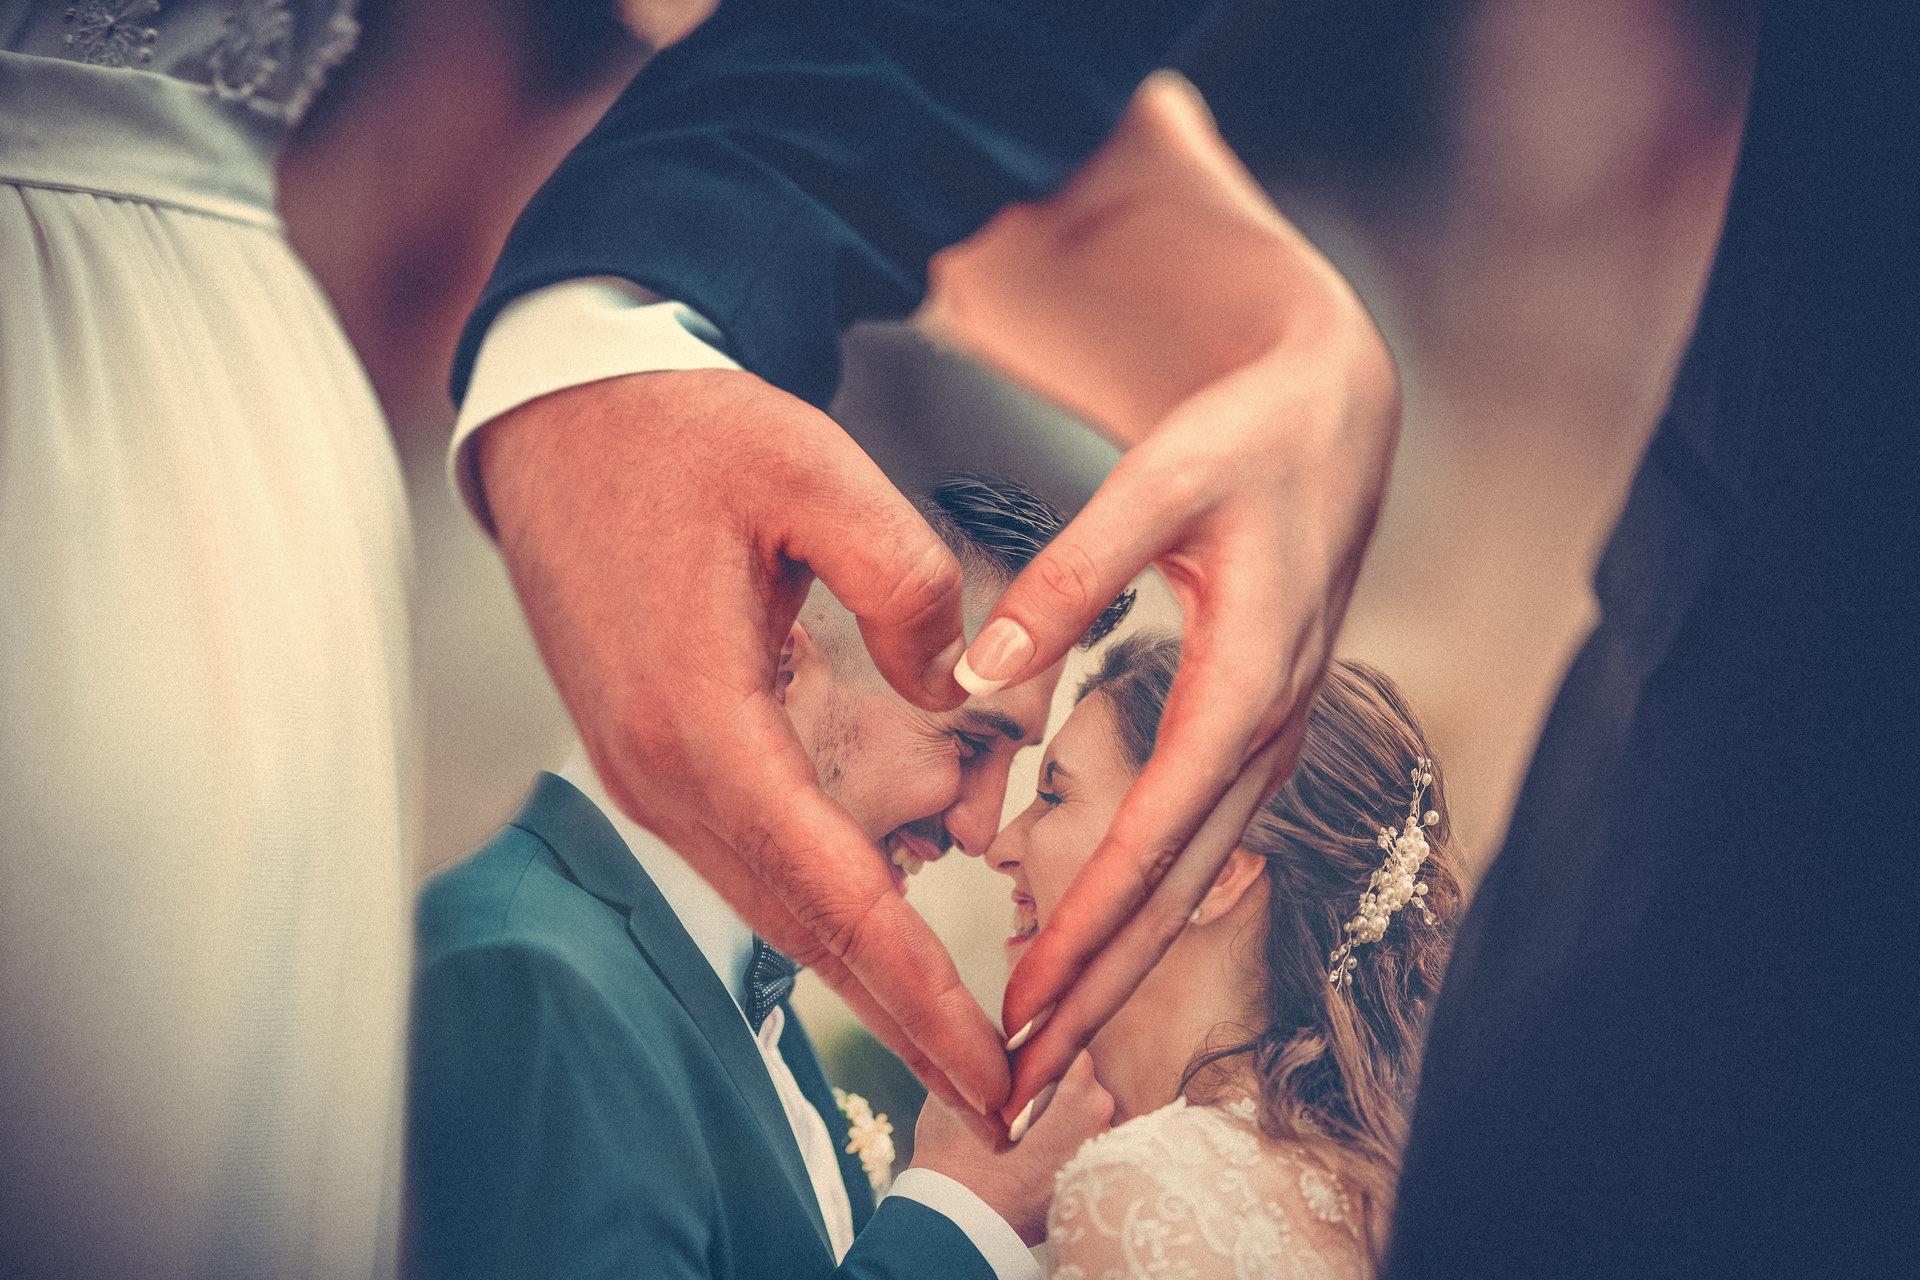 Photo in Wedding | Author dimovanton | PHOTO FORUM